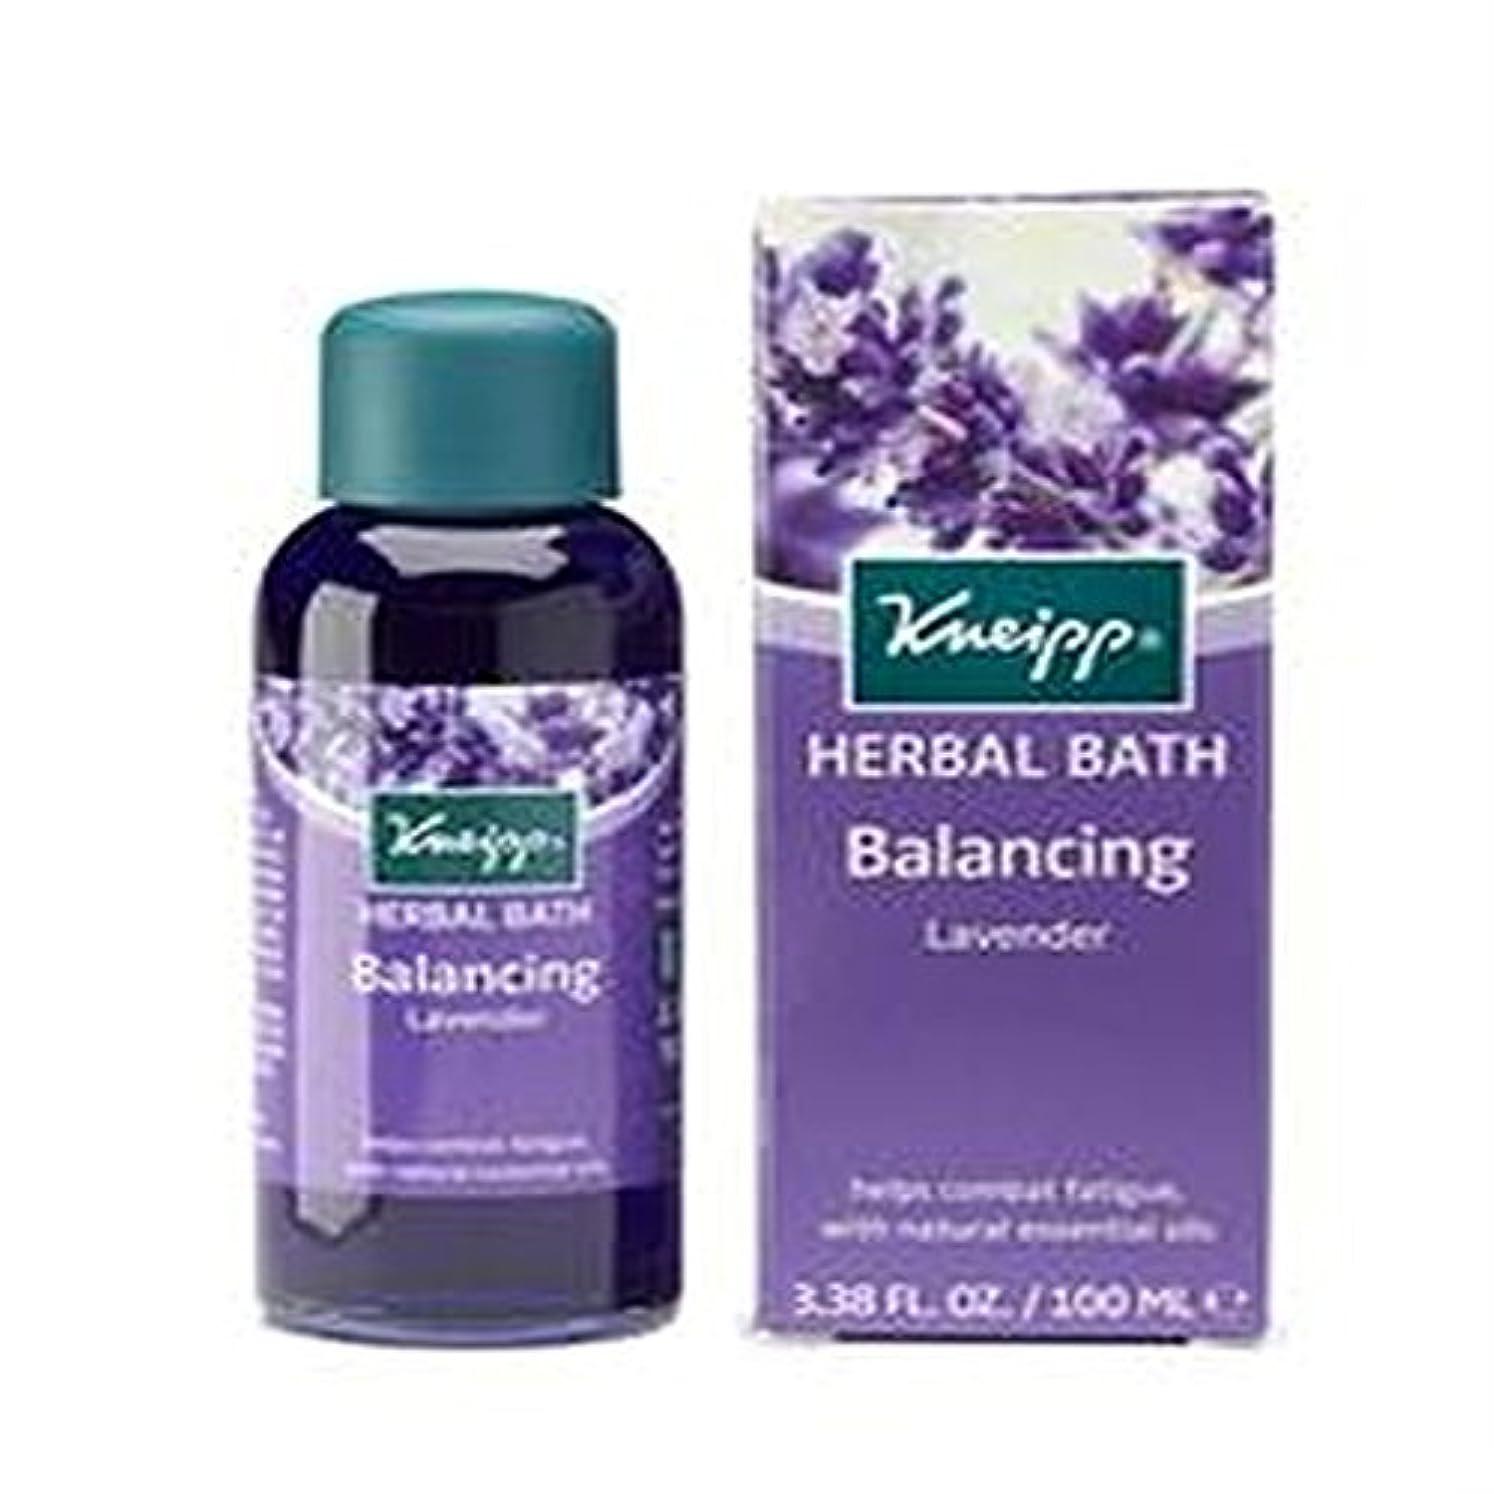 操るオーケストラ大事にするKneipp Balancing Lavender Herbal Bath - 3.38 Oz. (並行輸入品) [並行輸入品]